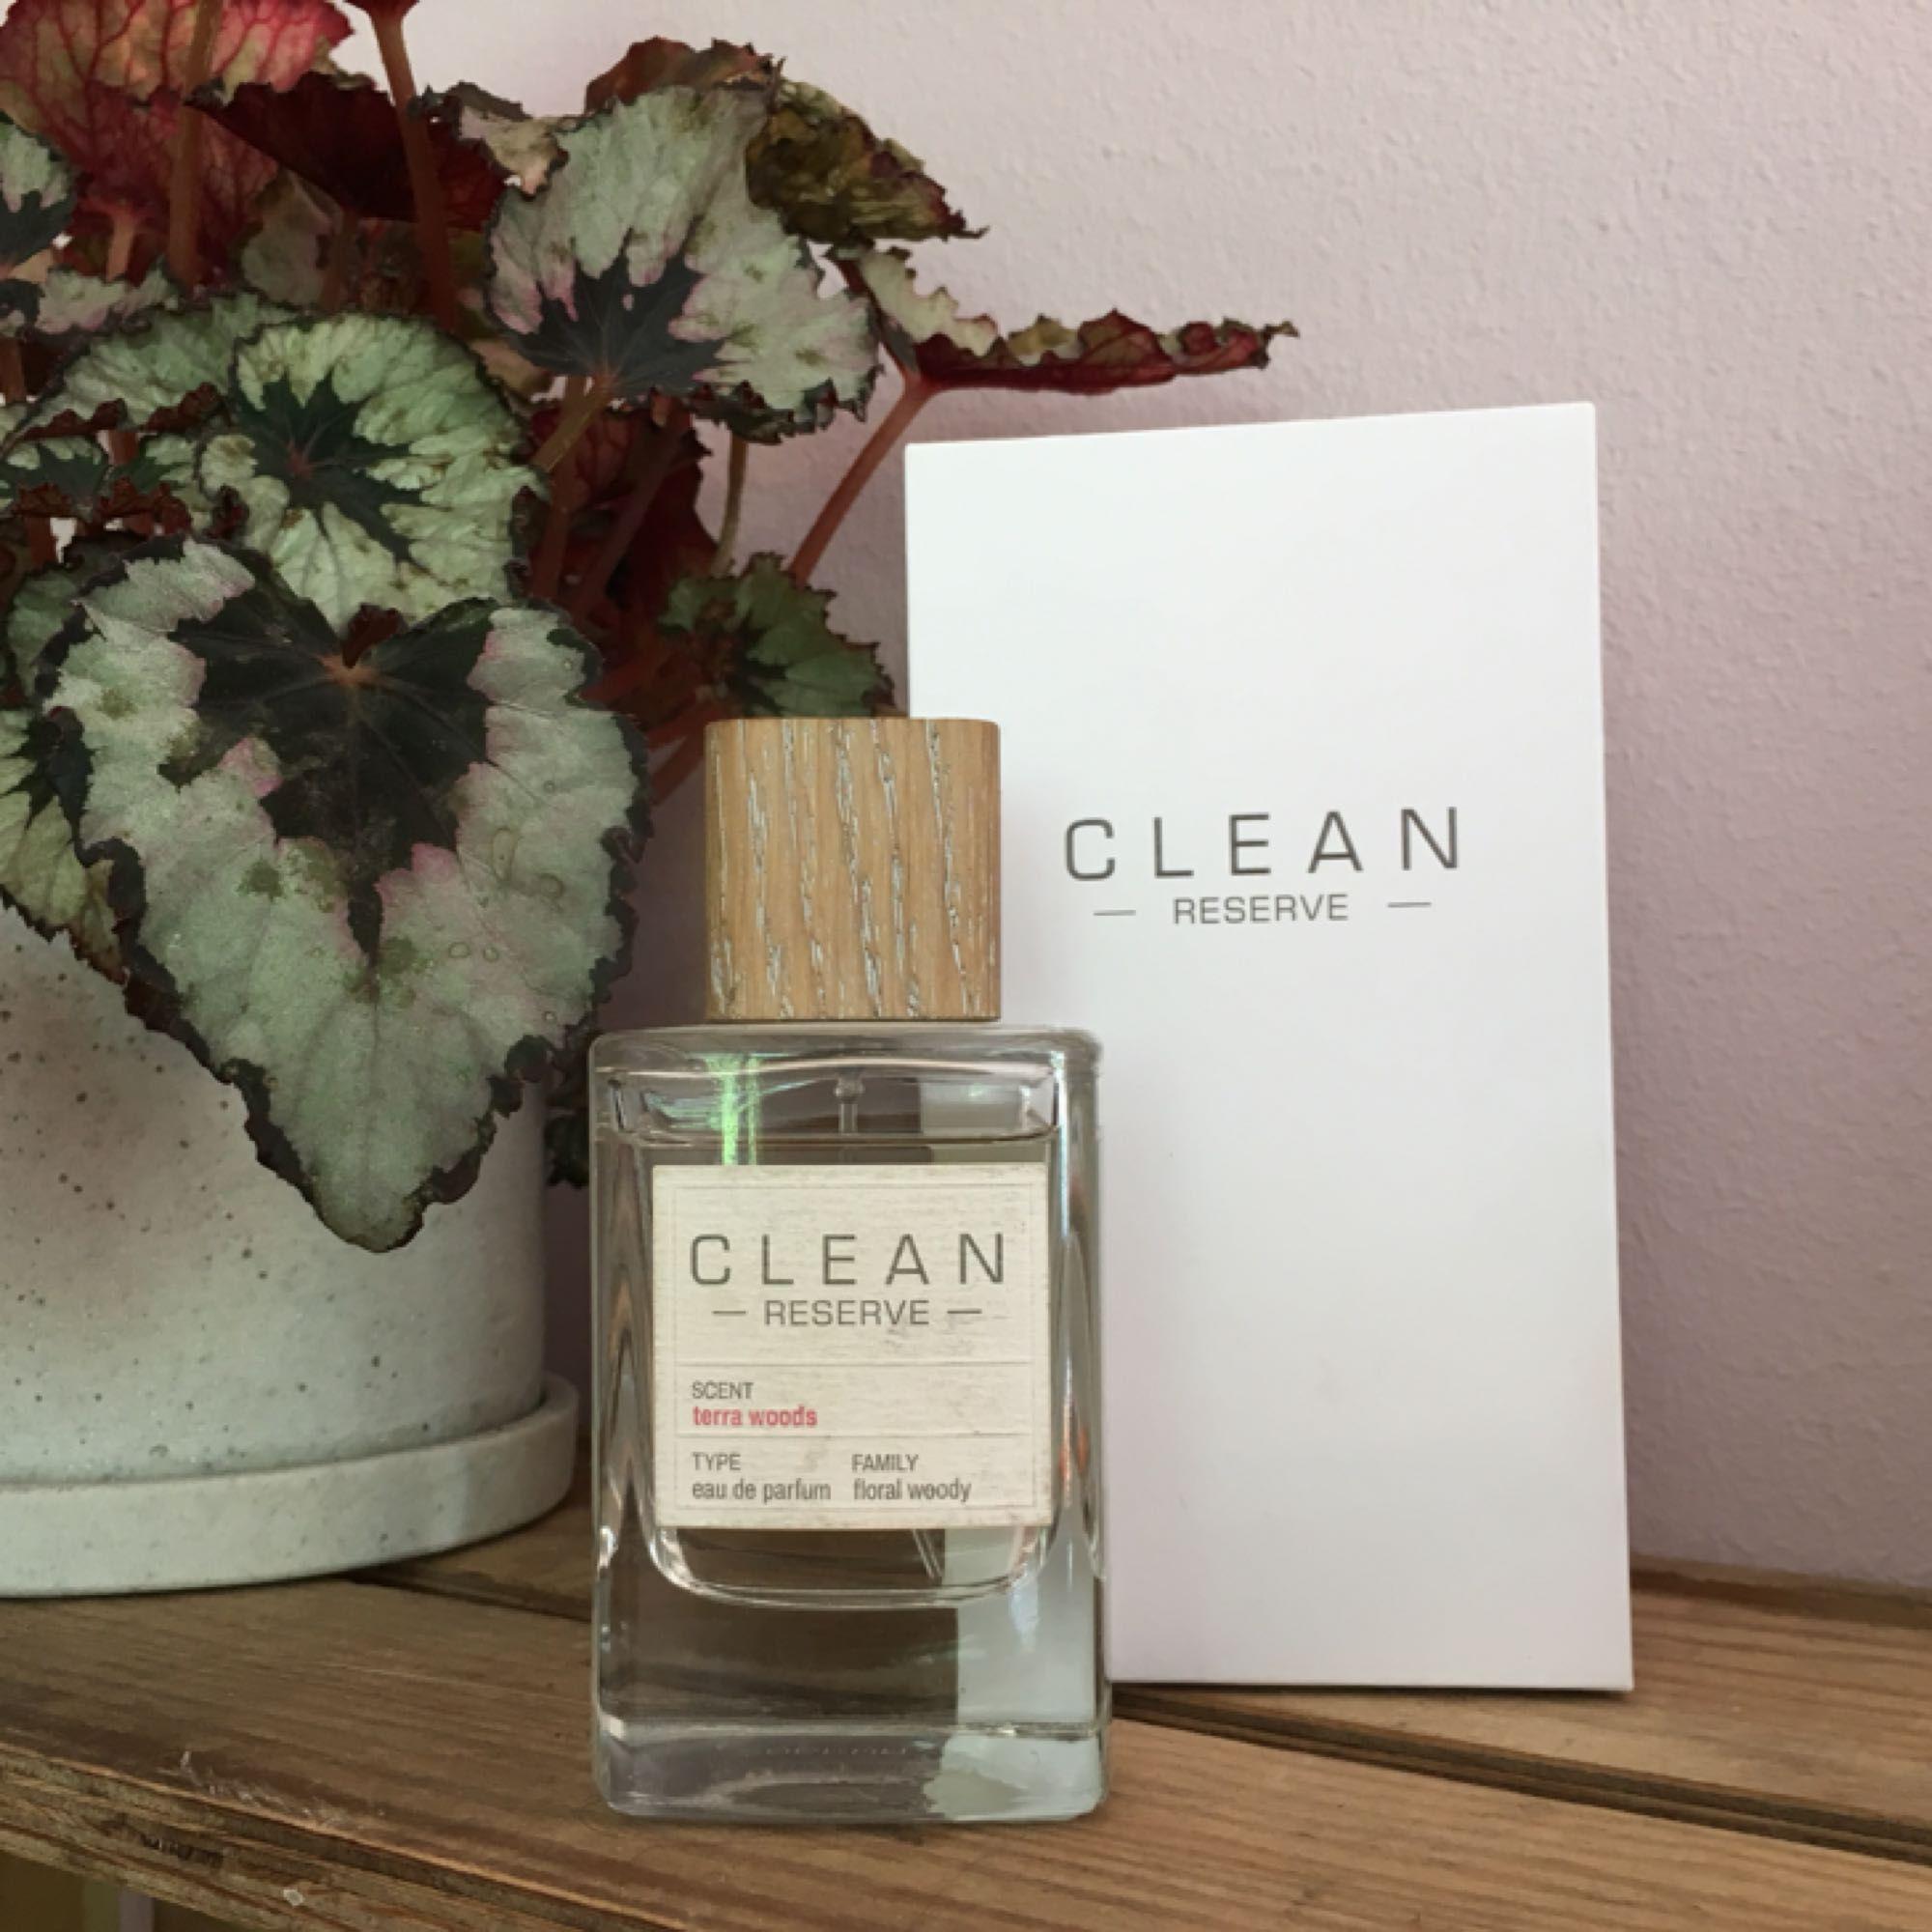 Unisex parfym från Clean, endast använd vid två tillfällen. Originalpris 1050kr. Toppnoter: Friska doft ackord. Hjärtnoter: Geranium, jasmine blad och kokos.  Basnoter: Musk, träiga doftnoter, tonka böna och vanilj från Madagaskar.. Accessoarer.